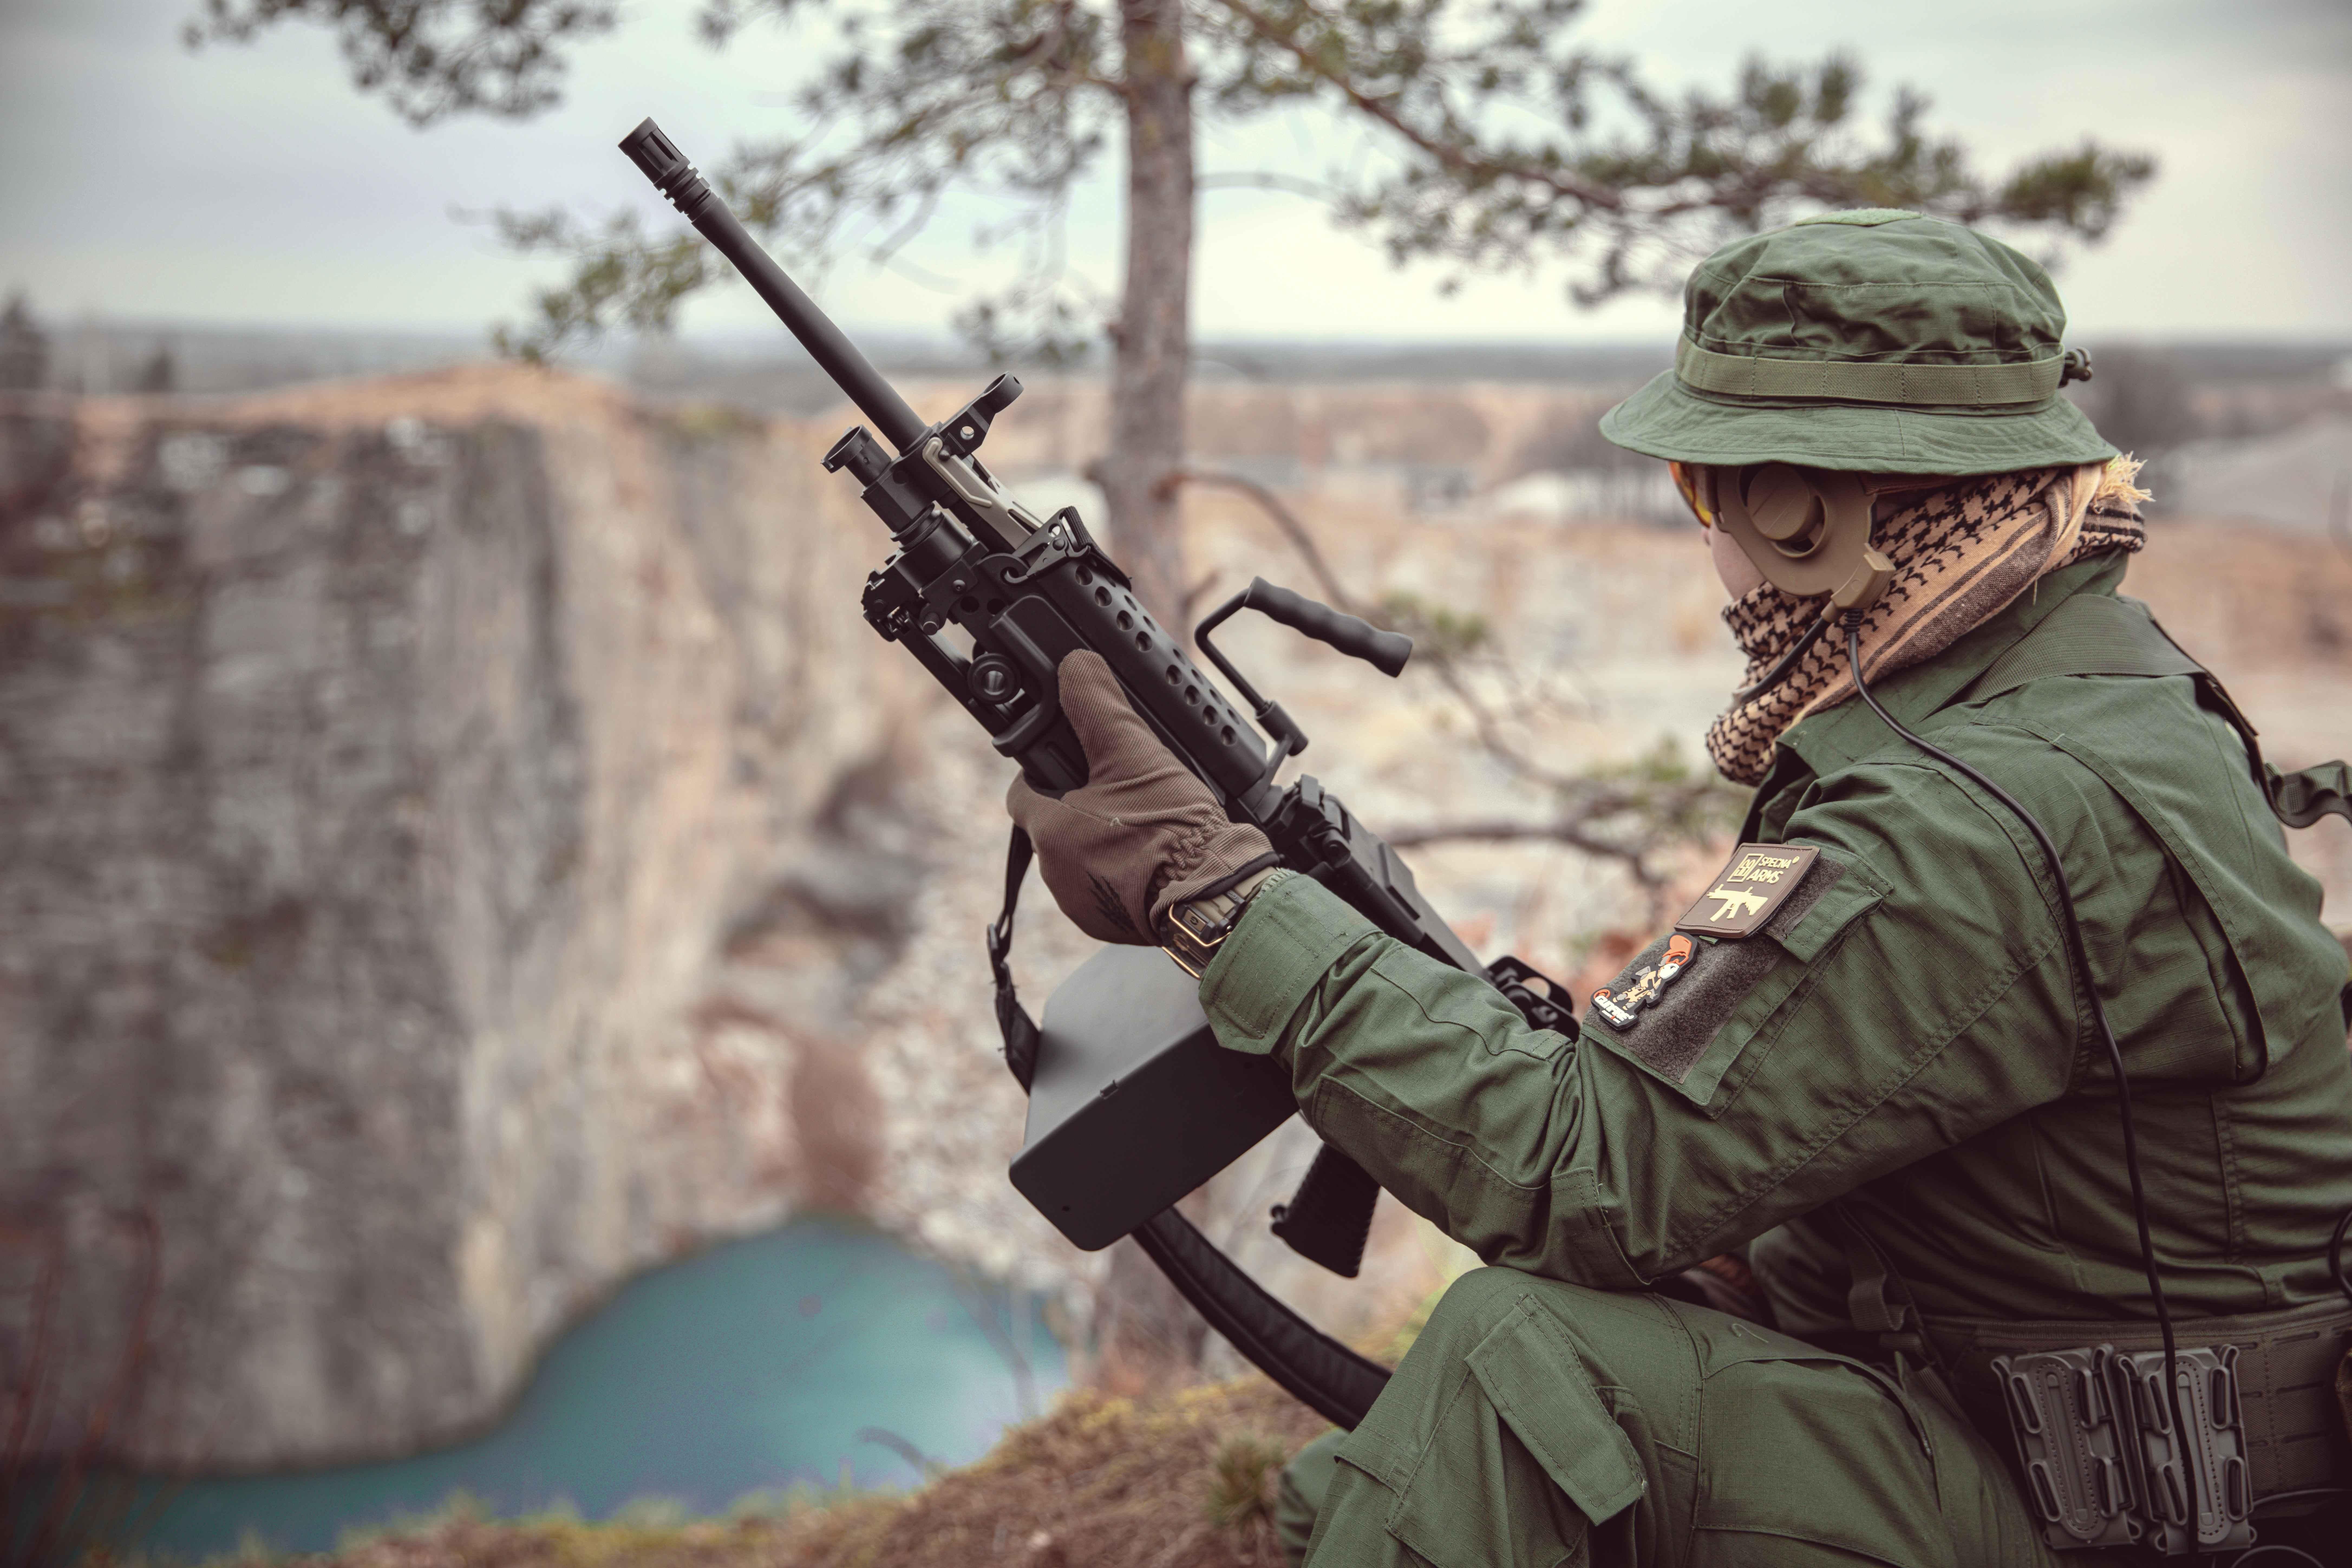 Réplique d'une mitrailleuse de l'arme Specna avec bipied plié ; homme en uniforme assis sur le bord